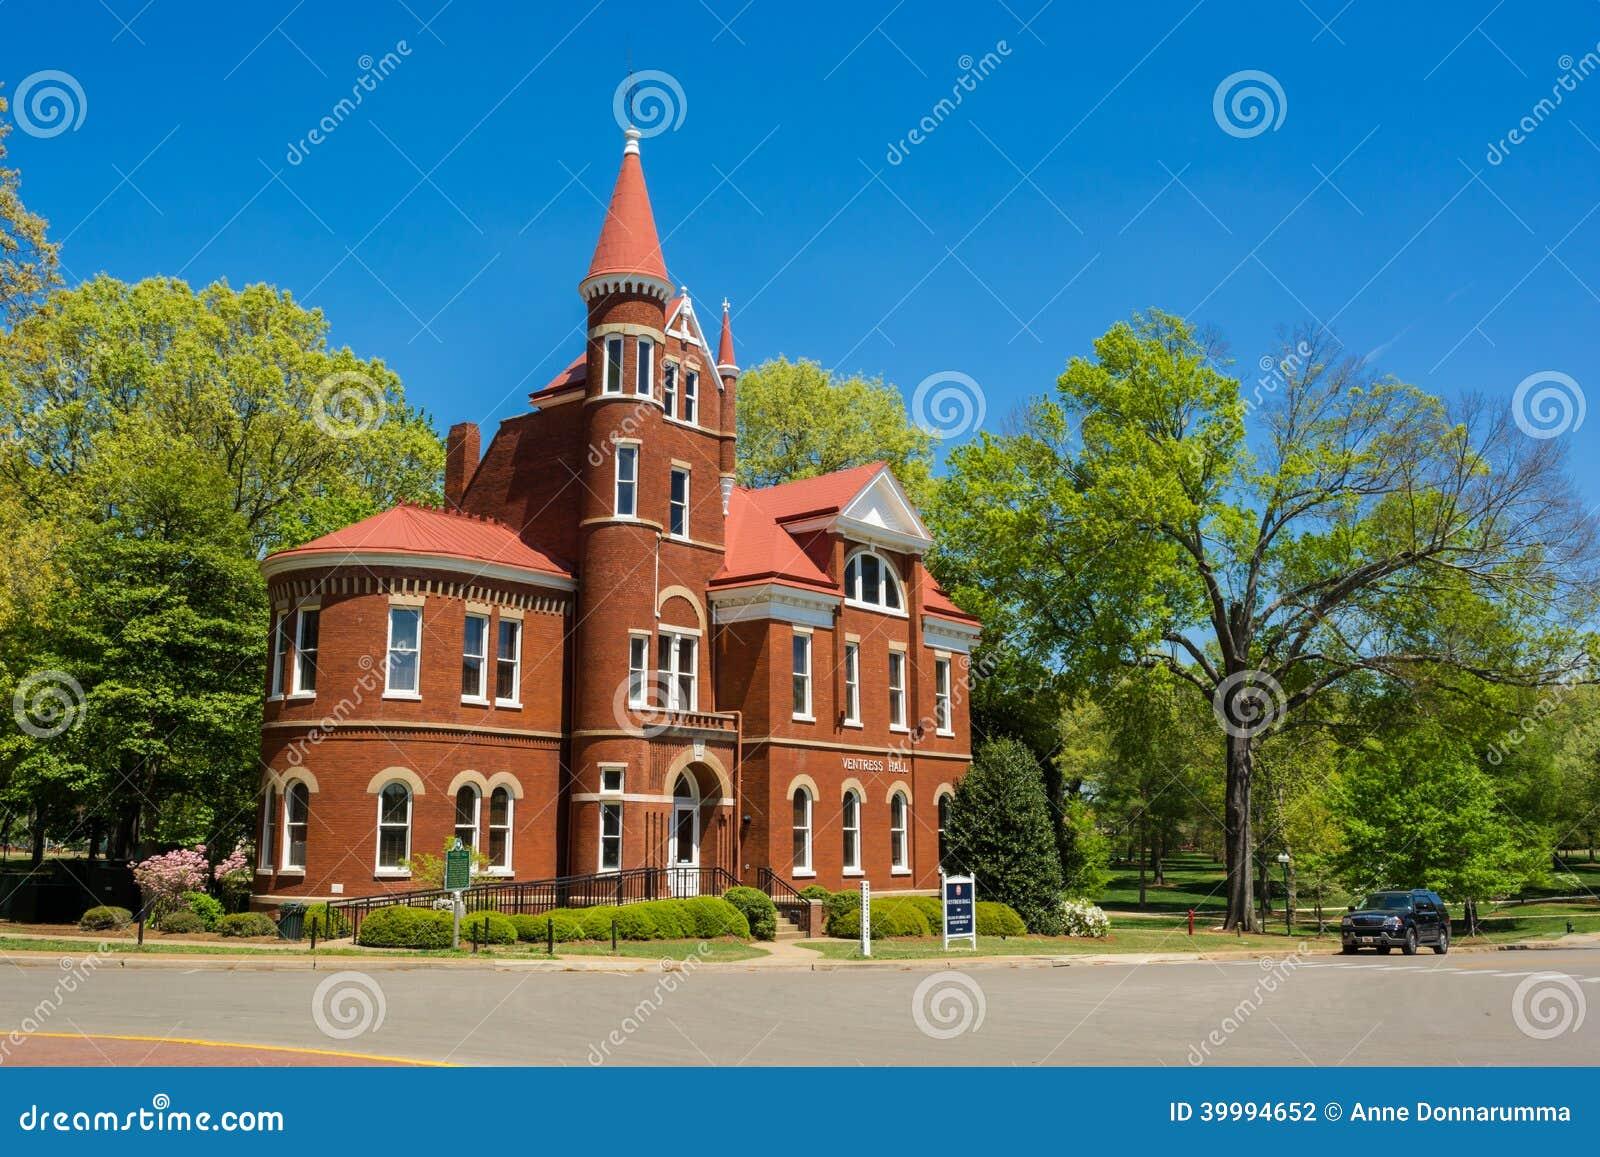 Ventresszaal bij de Universiteit van de Mississippi